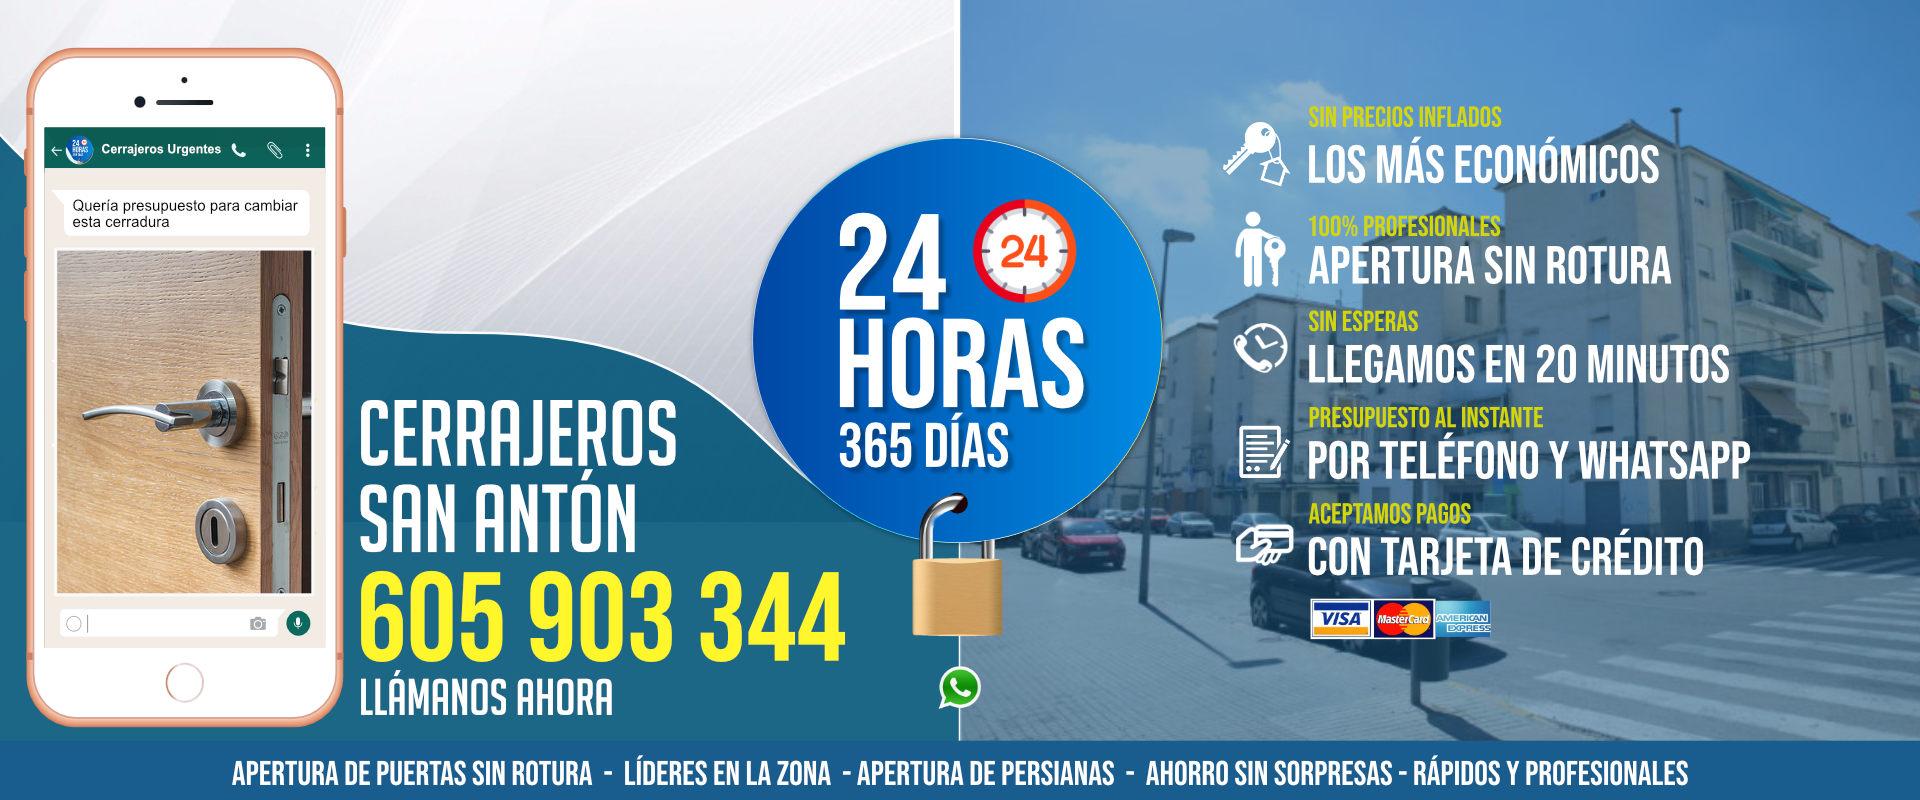 Cerrajeros San Antón 1